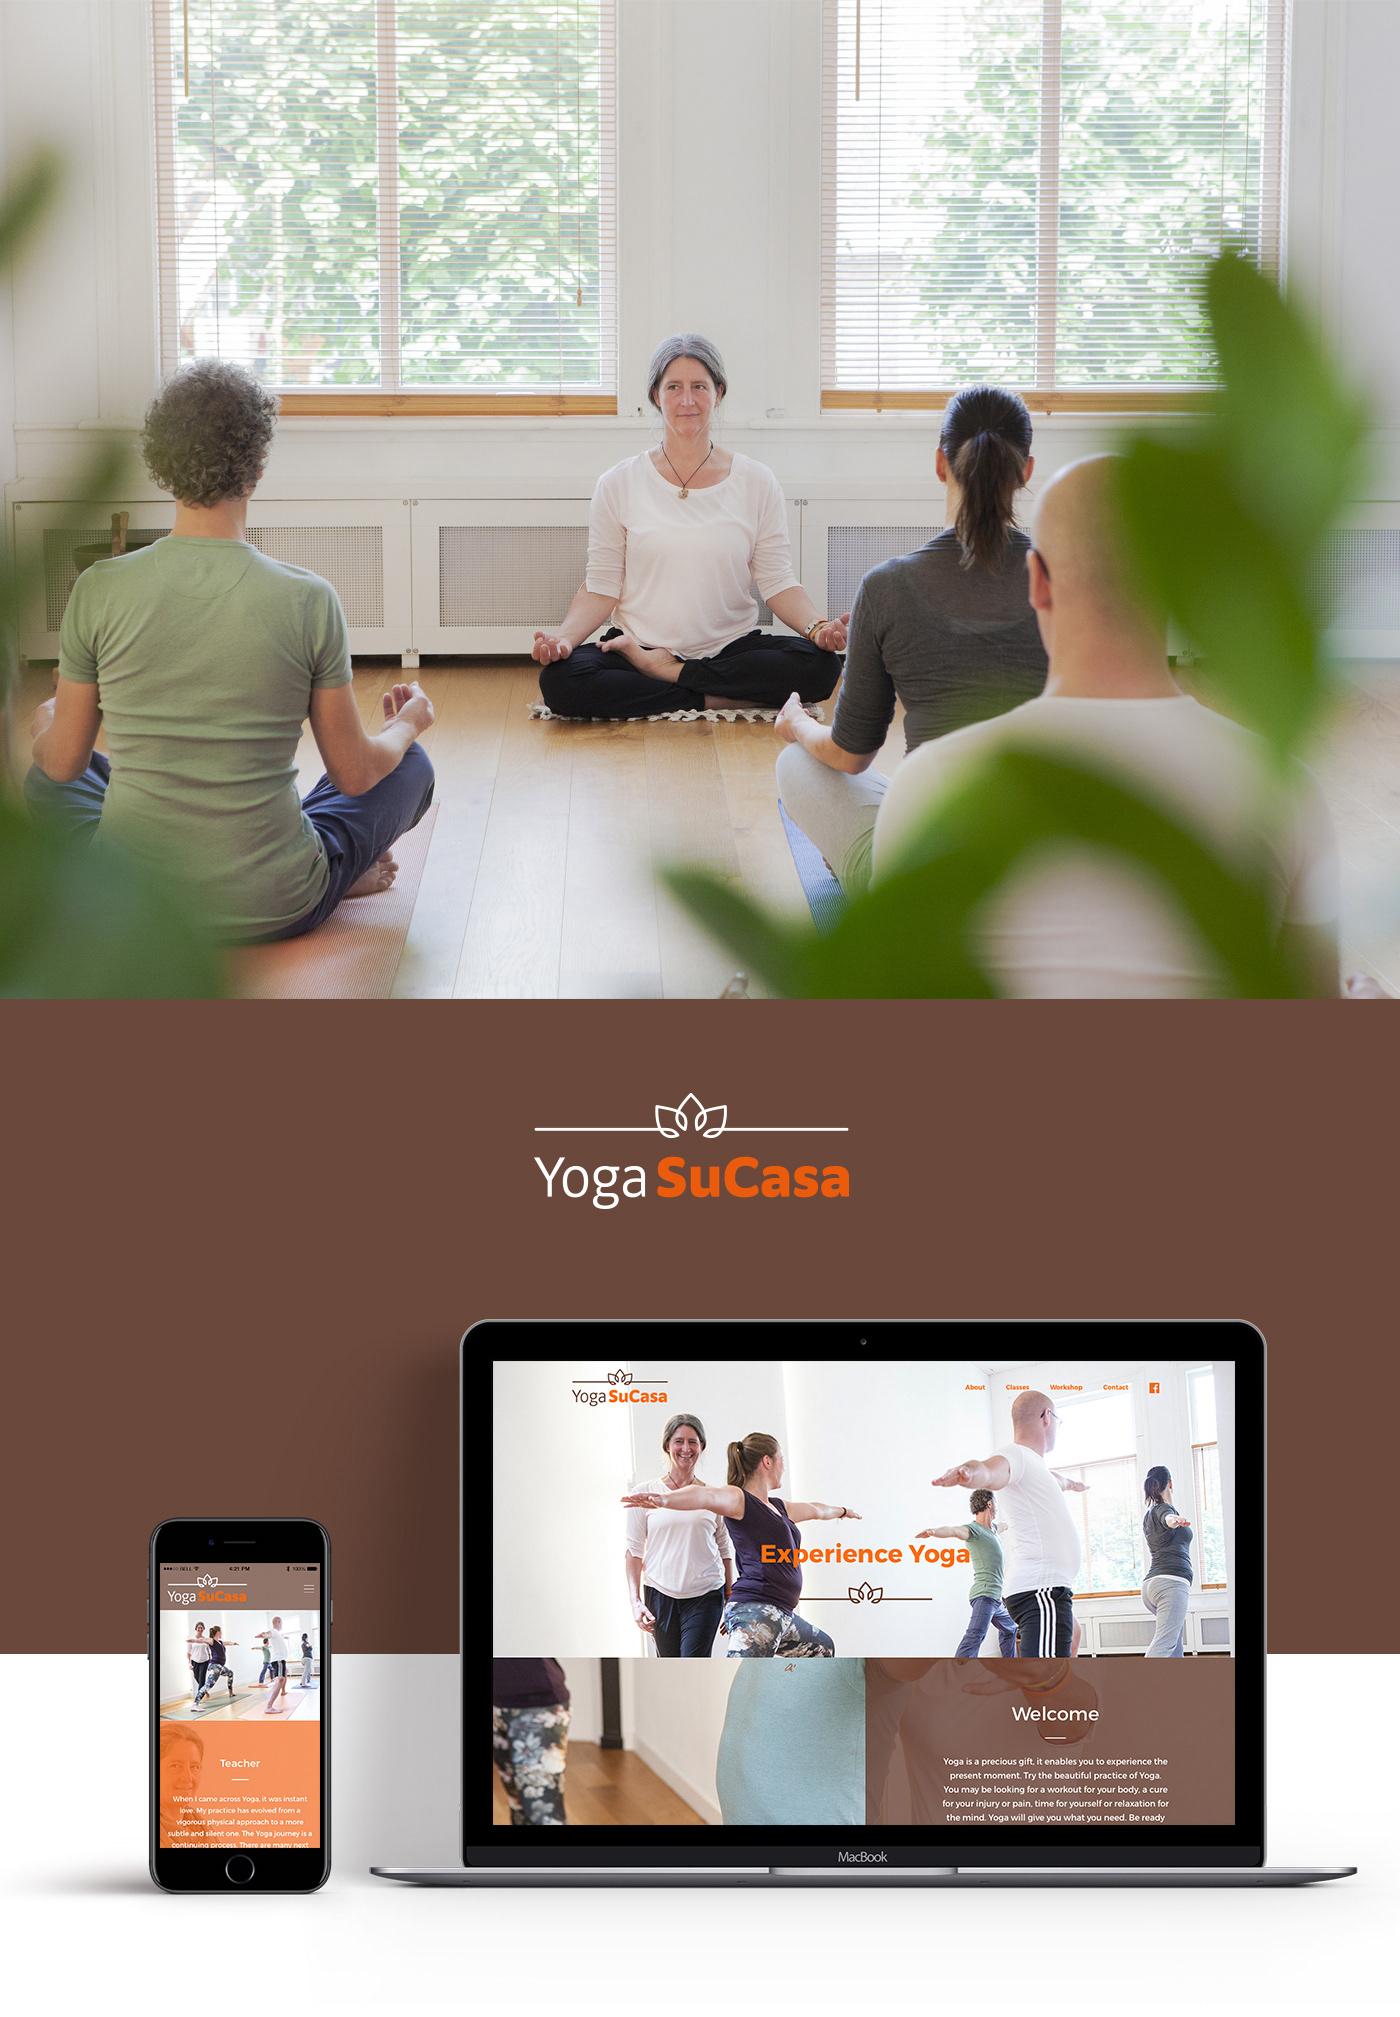 Web Design  UI Interface Logo Design HTML parallax Yoga leiden interactive graphic design